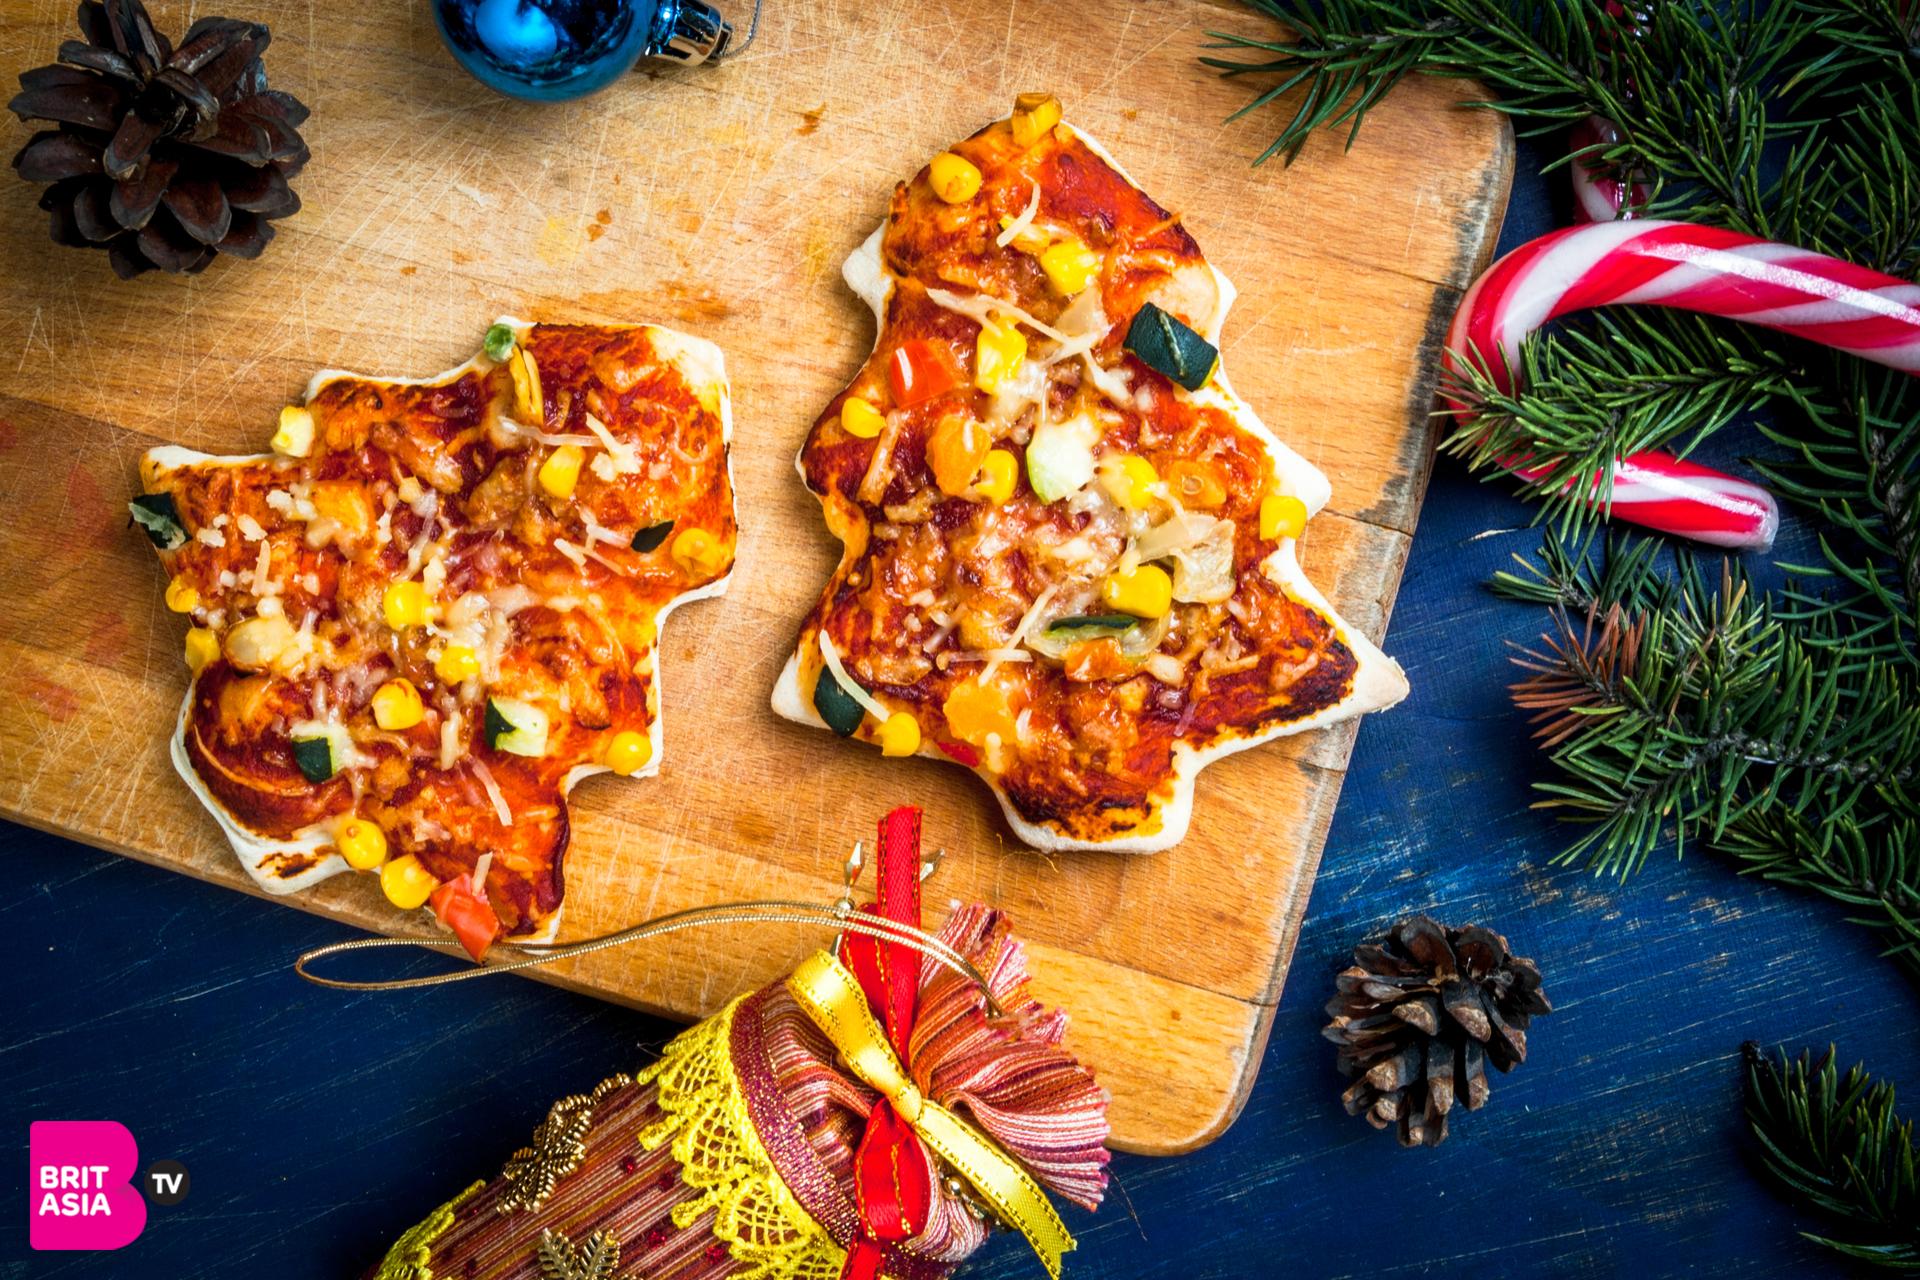 food over Christmas